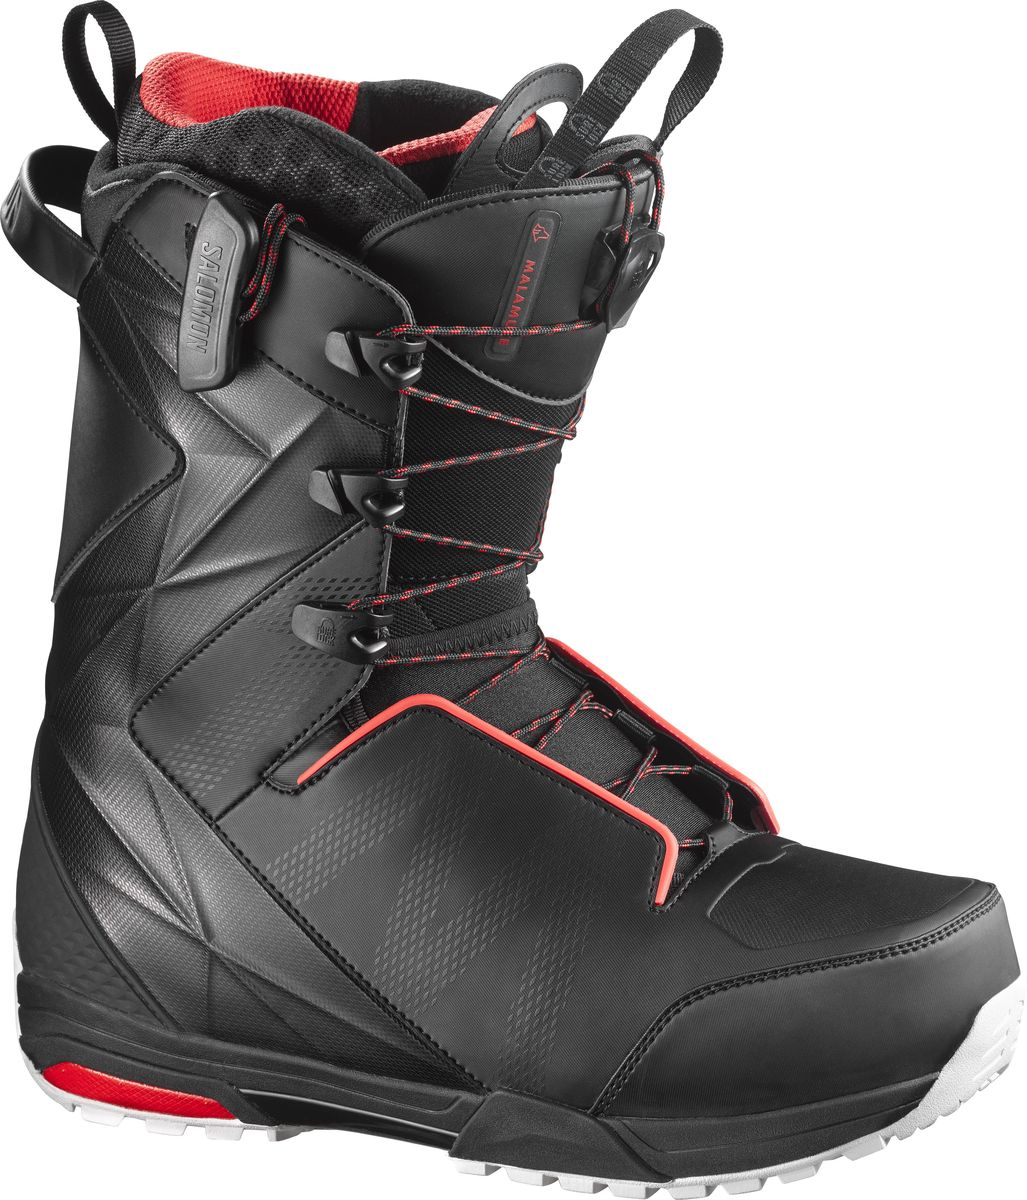 Ботинки для сноуборда Salomon Malamute, цвет: черный. Размер 28 (42,5)L39359500Самые гибкие ботинки для сноубординга Salomon Malamute с непревзойденной поддержкой поставляются в комплекте с новой стелькой двойной плотности Ortholite C3, которую отличают пена с эффектом памяти и пяточная чашка из сополимера EVA, и внутренним ботинком Platinum 4D для максимально комфортного катания. Встроенный ремешок задника Integrated Heel-Strap, вставка Power Frame и Energizer Bars обеспечивают индивидуальную и четкую посадку по ноге. В модели используются подошва Hike, гарантирующая отличное сцепление, и знаменитая шнуровка PowerLock, которая отлично фиксирует ногу.